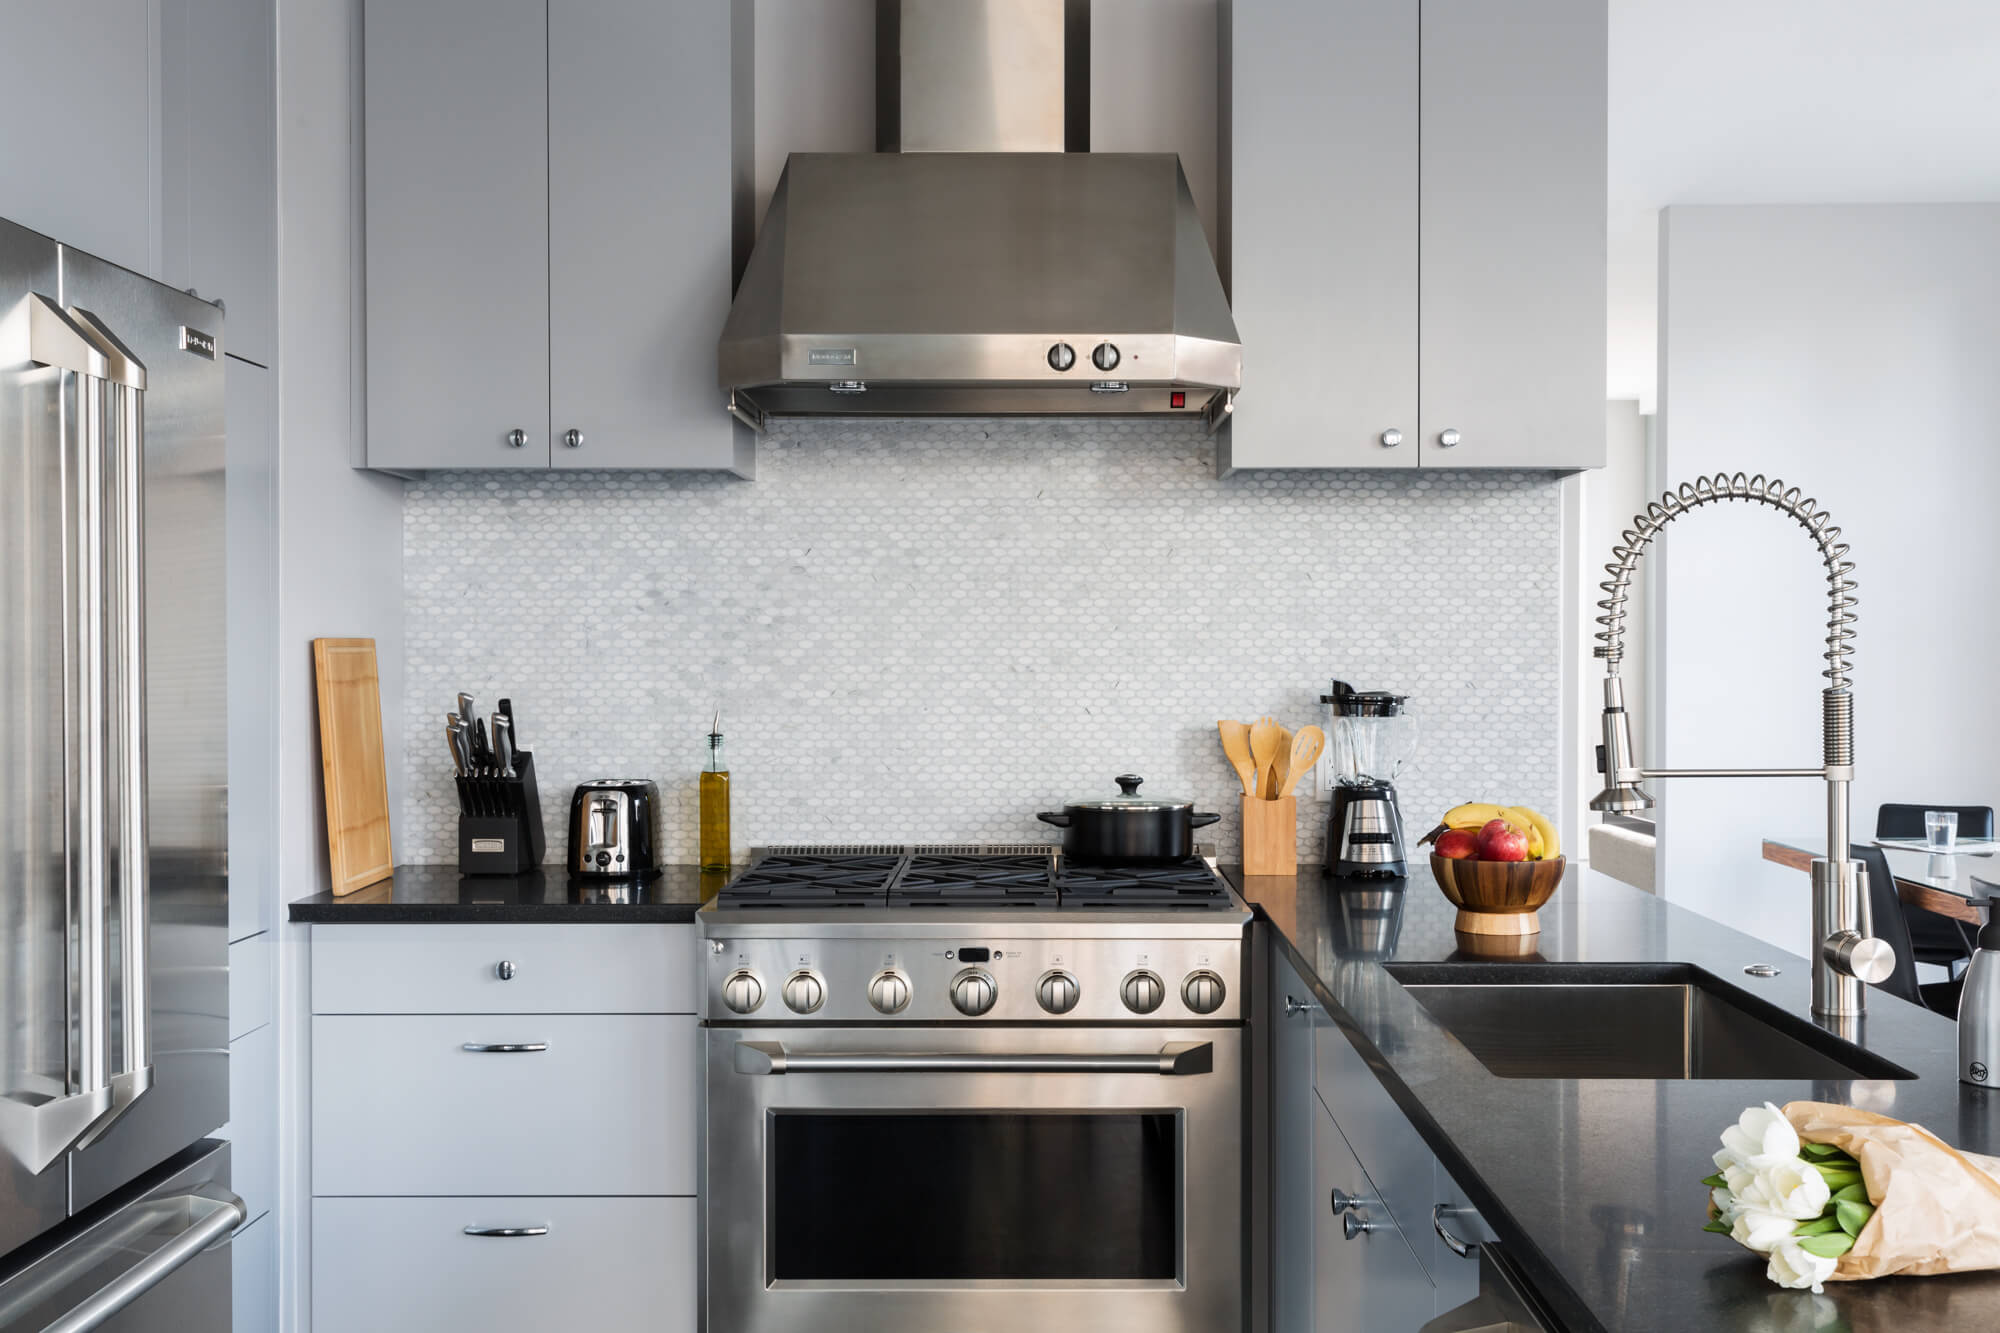 tv vs. coliving: kitchen